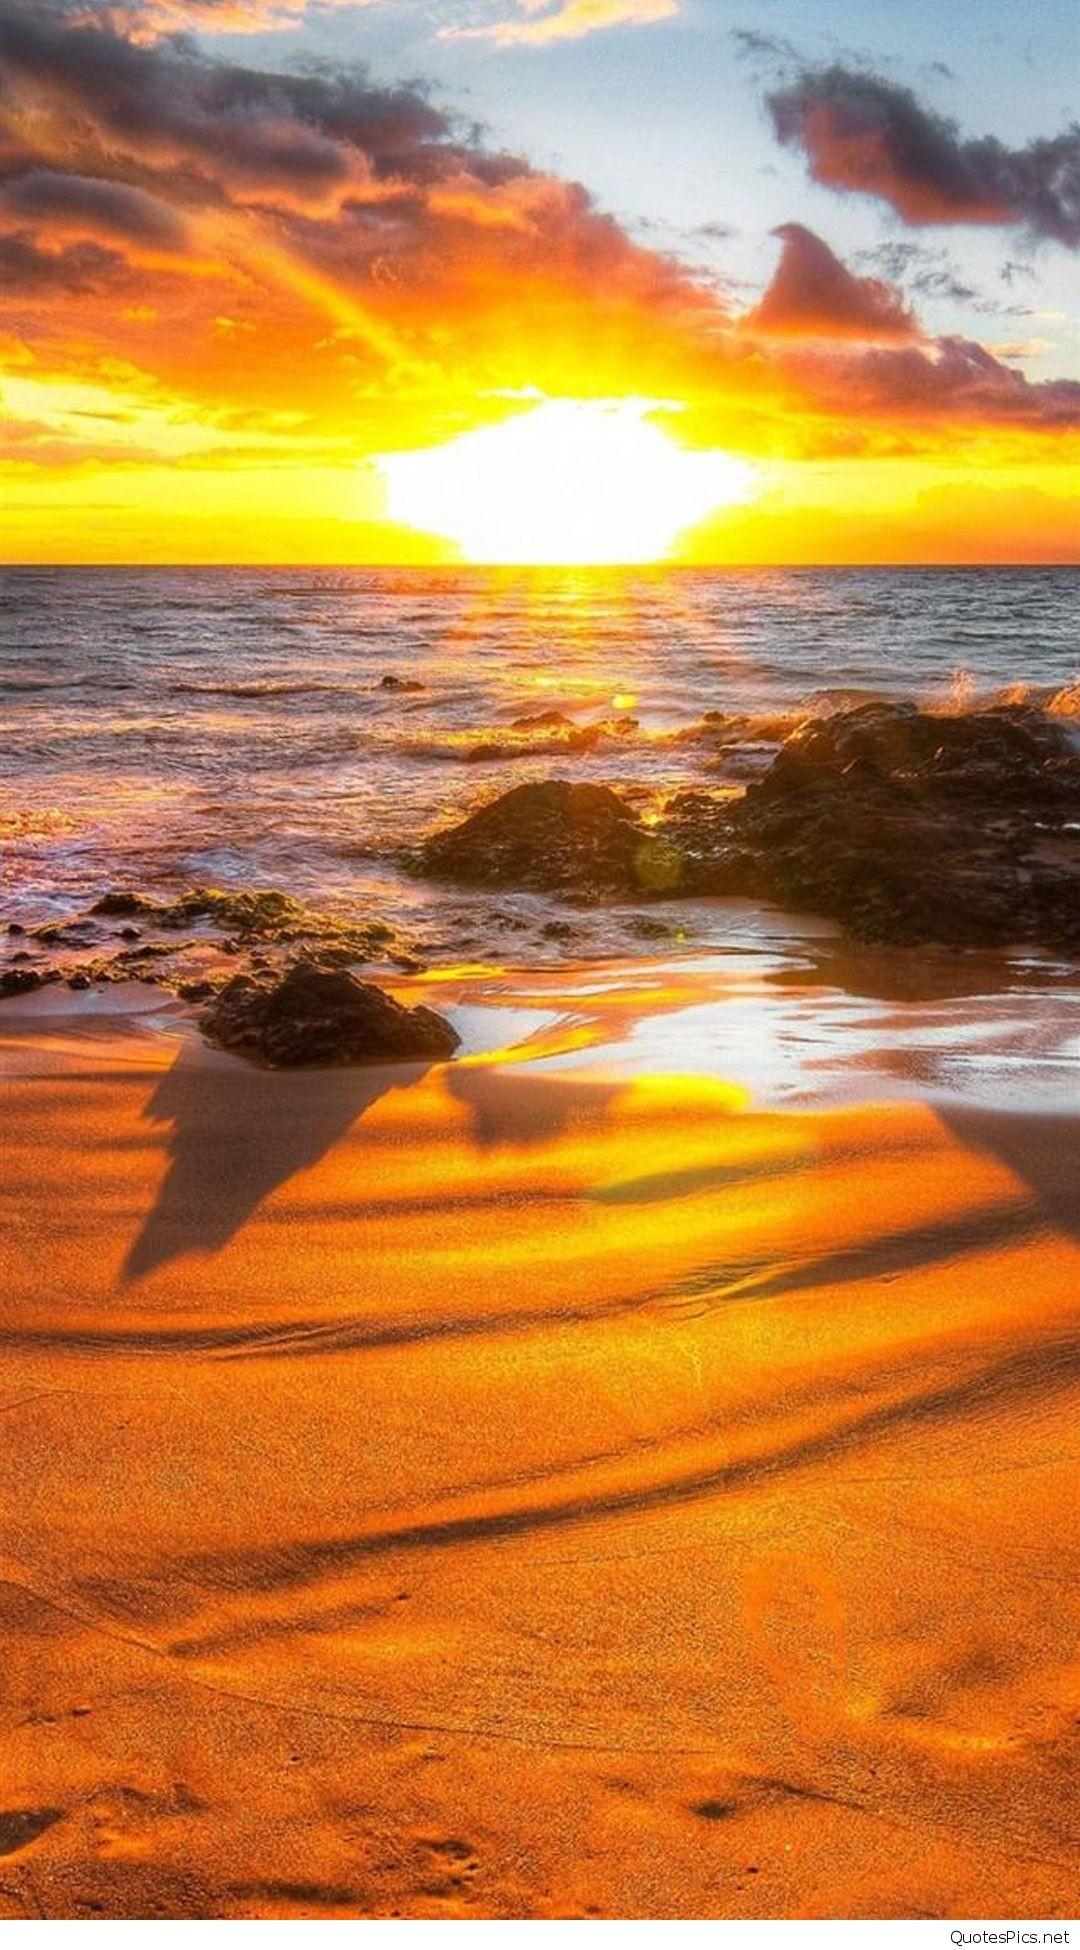 Sunset Hd Beach Iphone Wallpapers   Data Src - Sunset Beach Background Hd - HD Wallpaper